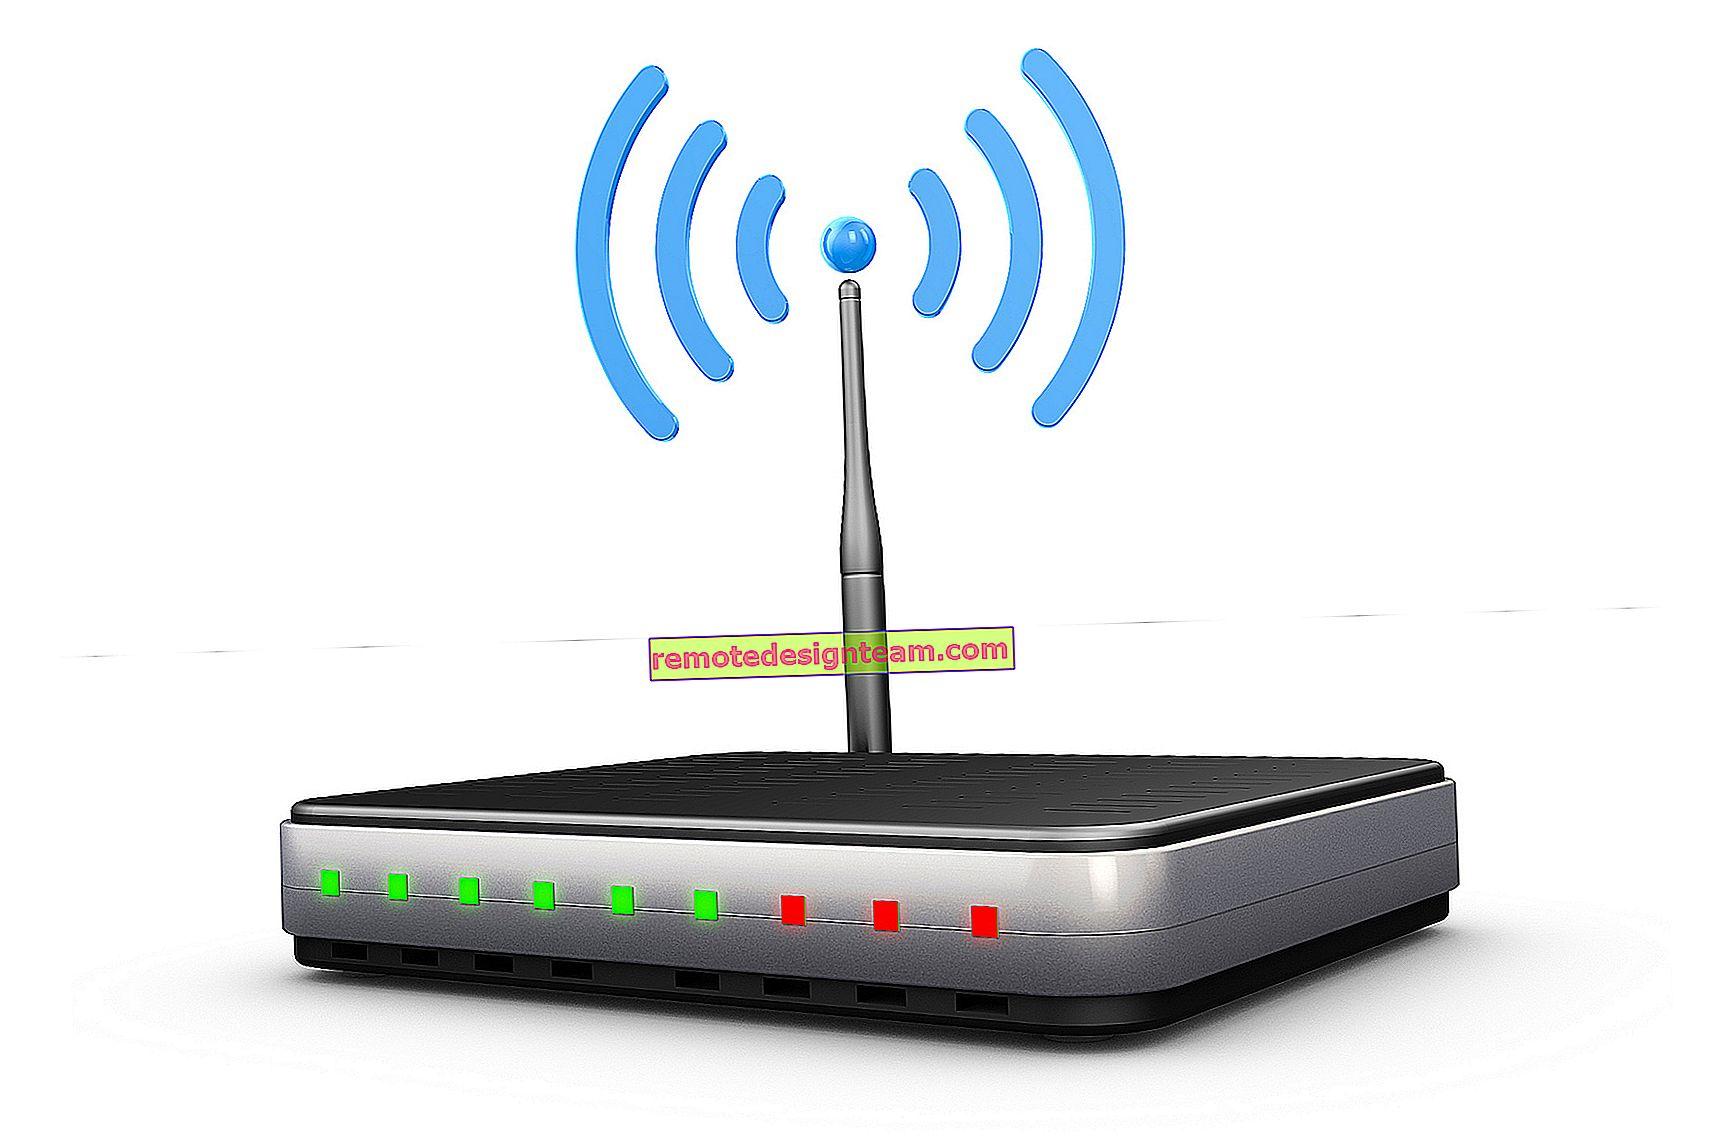 كيفية توصيل جهاز تلفزيون بدون Wi-Fi بالإنترنت عبر Wi-Fi؟